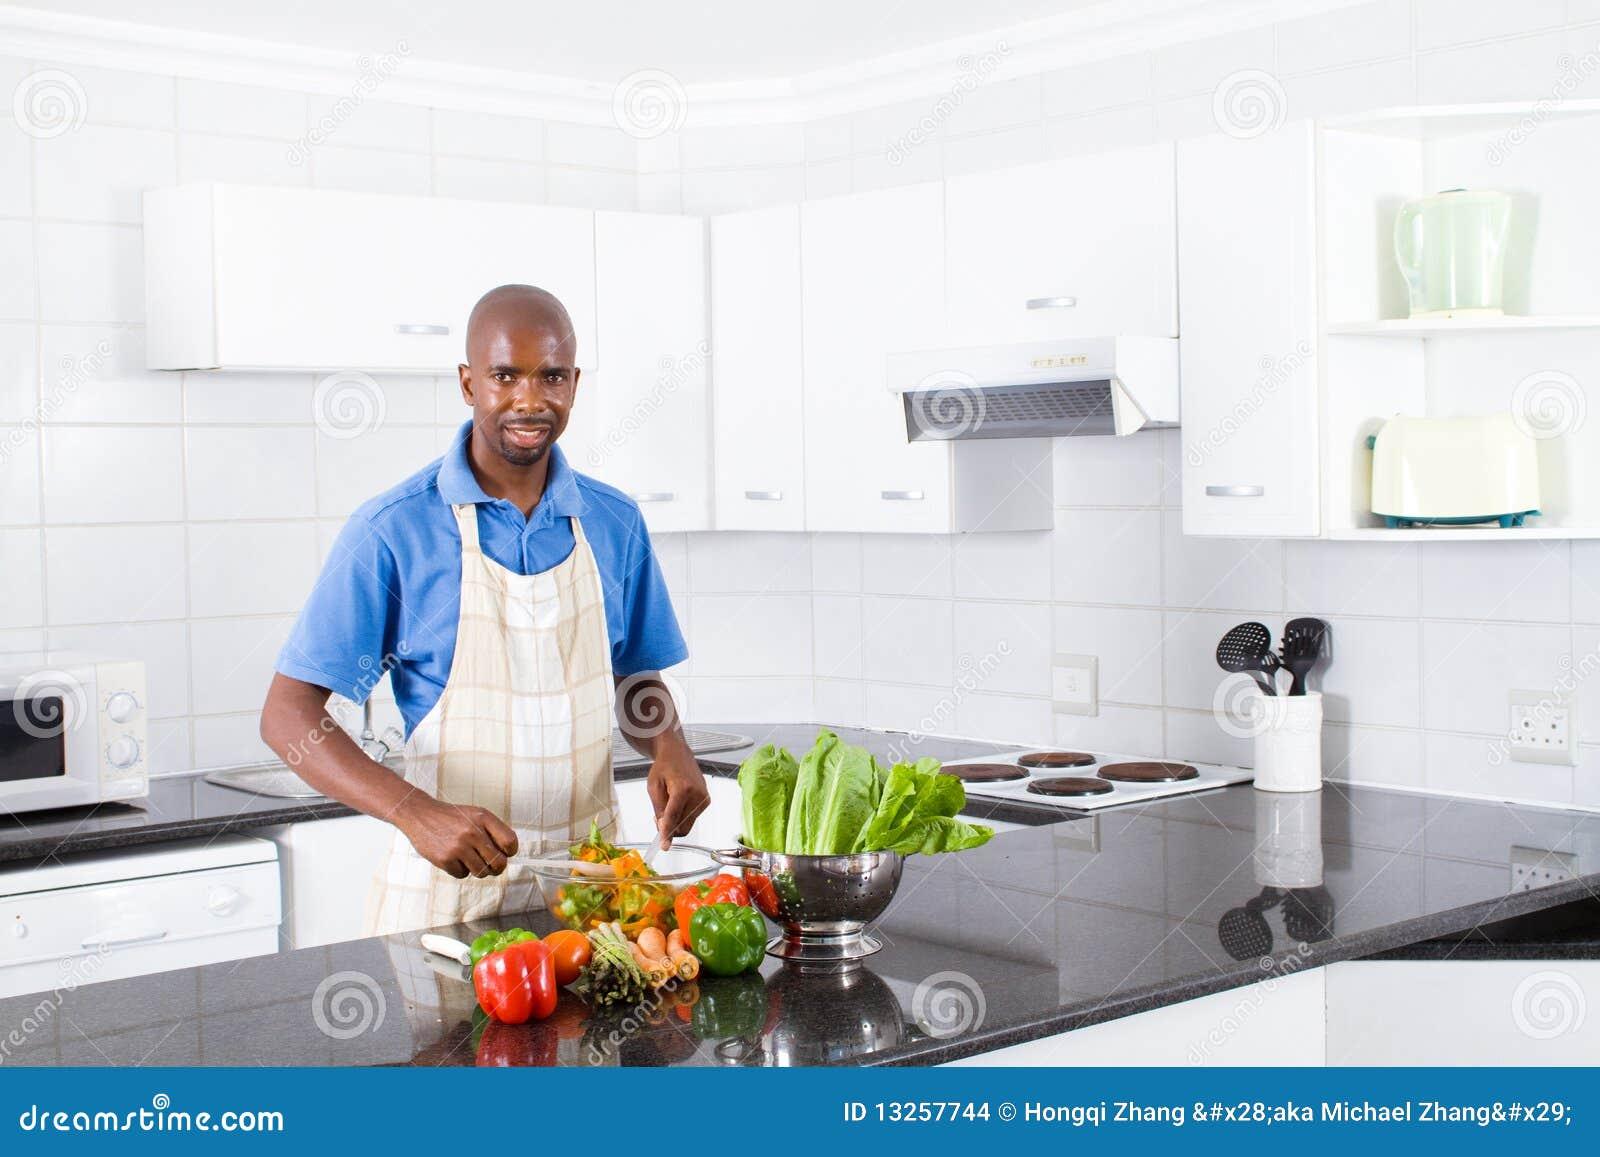 Homme Africain Dans La Cuisine Photo Stock Image Du Dans Africain 13257744